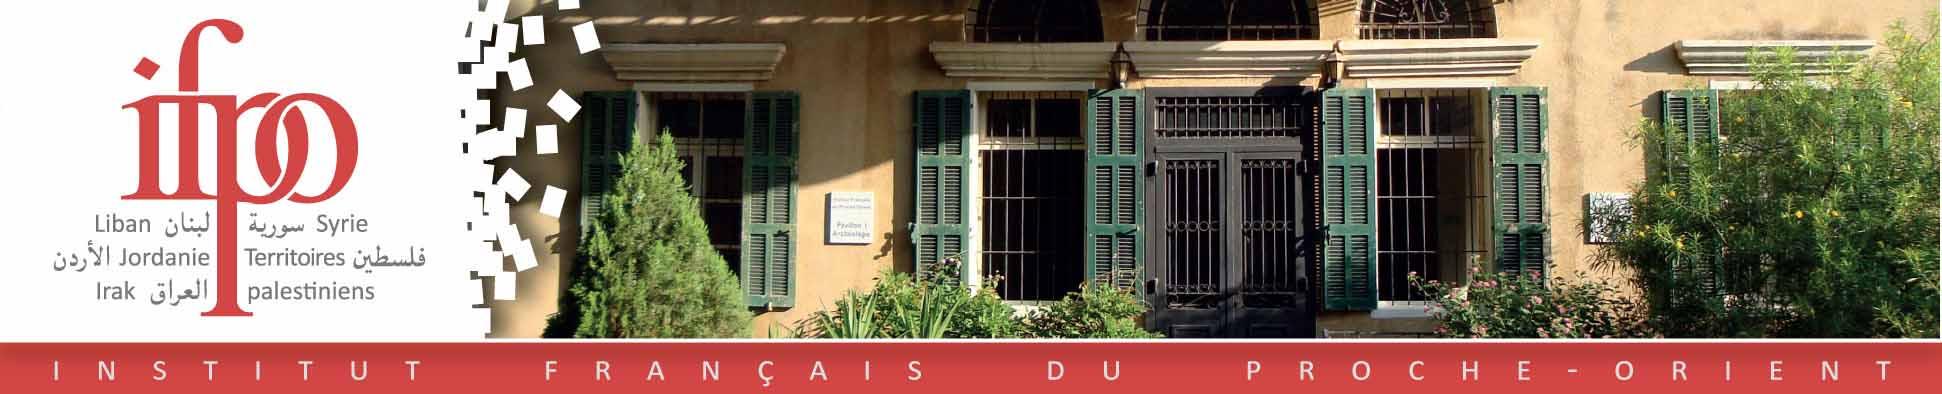 Institut français du Proche-Orient (Ifpo)